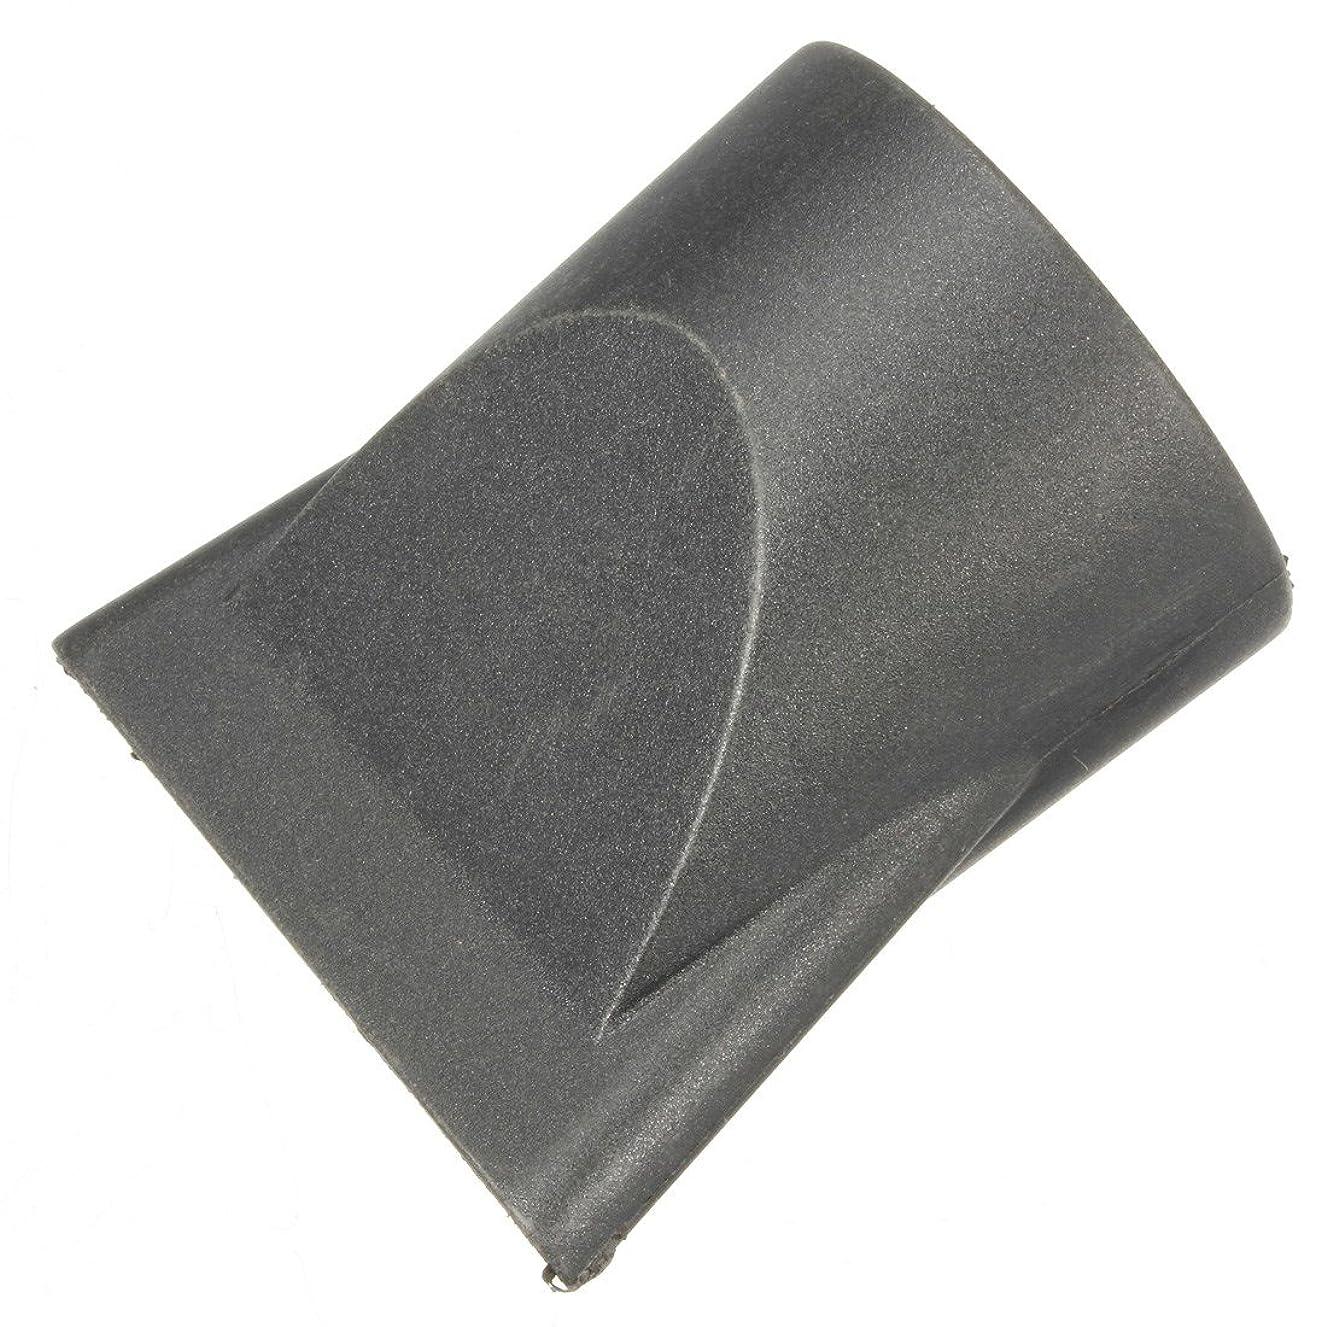 打ち負かす暴露するコンテンポラリーJicorzo - 1PCSプラスチックサロン交換フェラフラットヘアドライヤー乾燥コンセントレータブラックノズルスタイリングツールのフードカバーワイド狭いサイズ[狭いです]